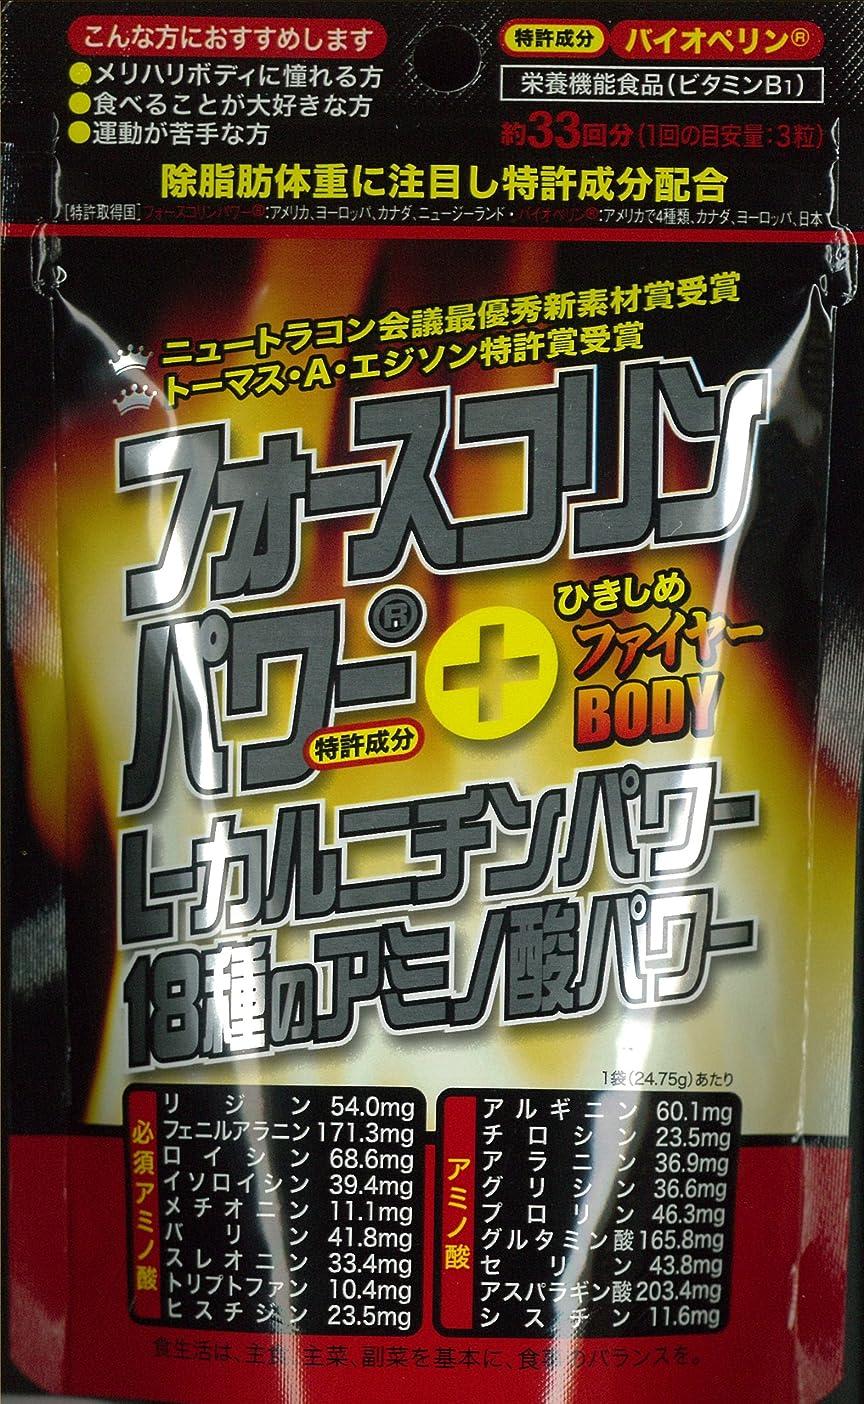 ミュージカル犯罪成功するアスティ フォスコリパワープラス 250mg*99T